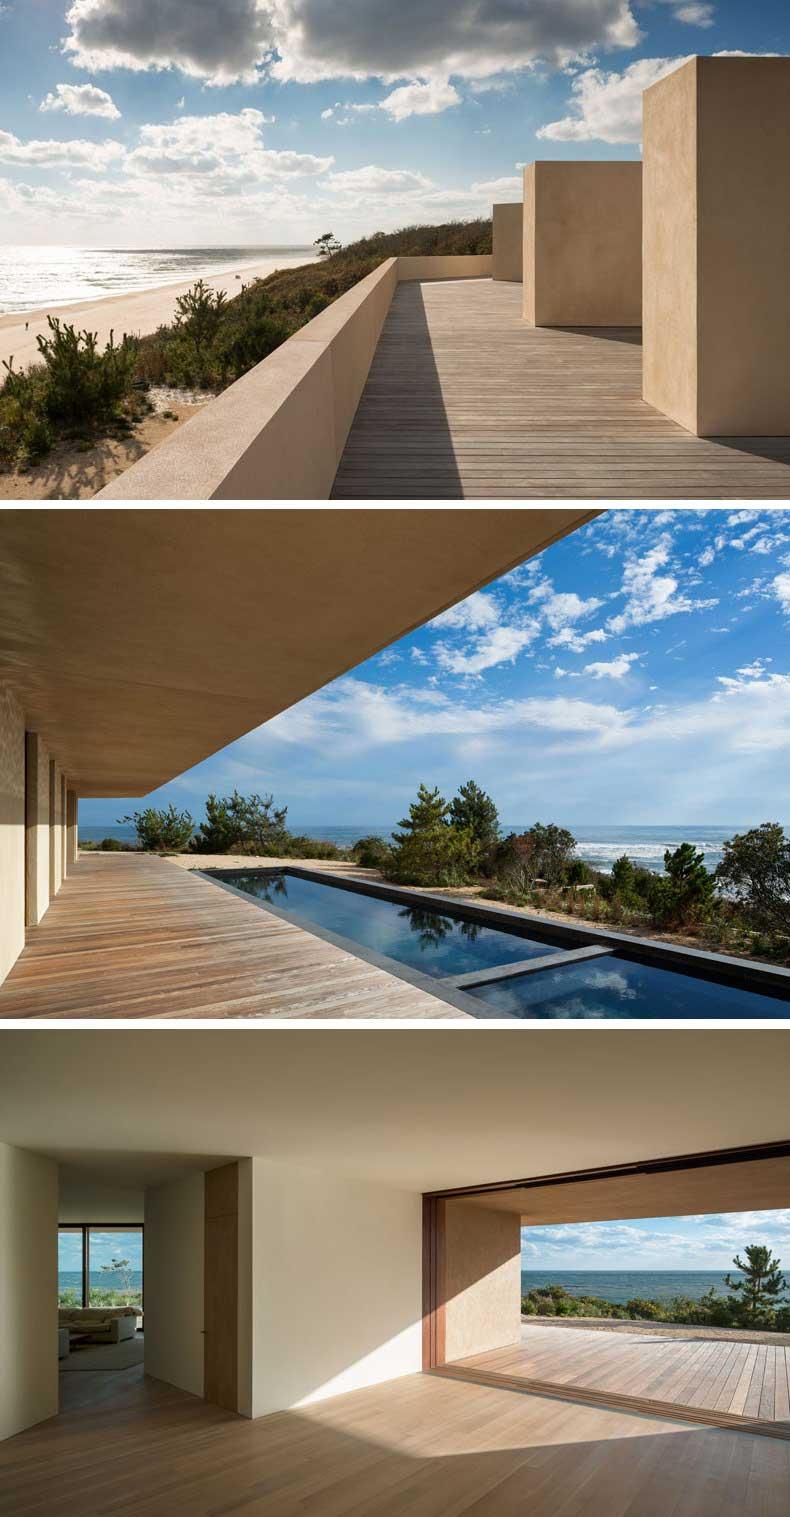 9 casas minimalistas con arquitectura y dise o de locos for Arquitectura y diseno de casas